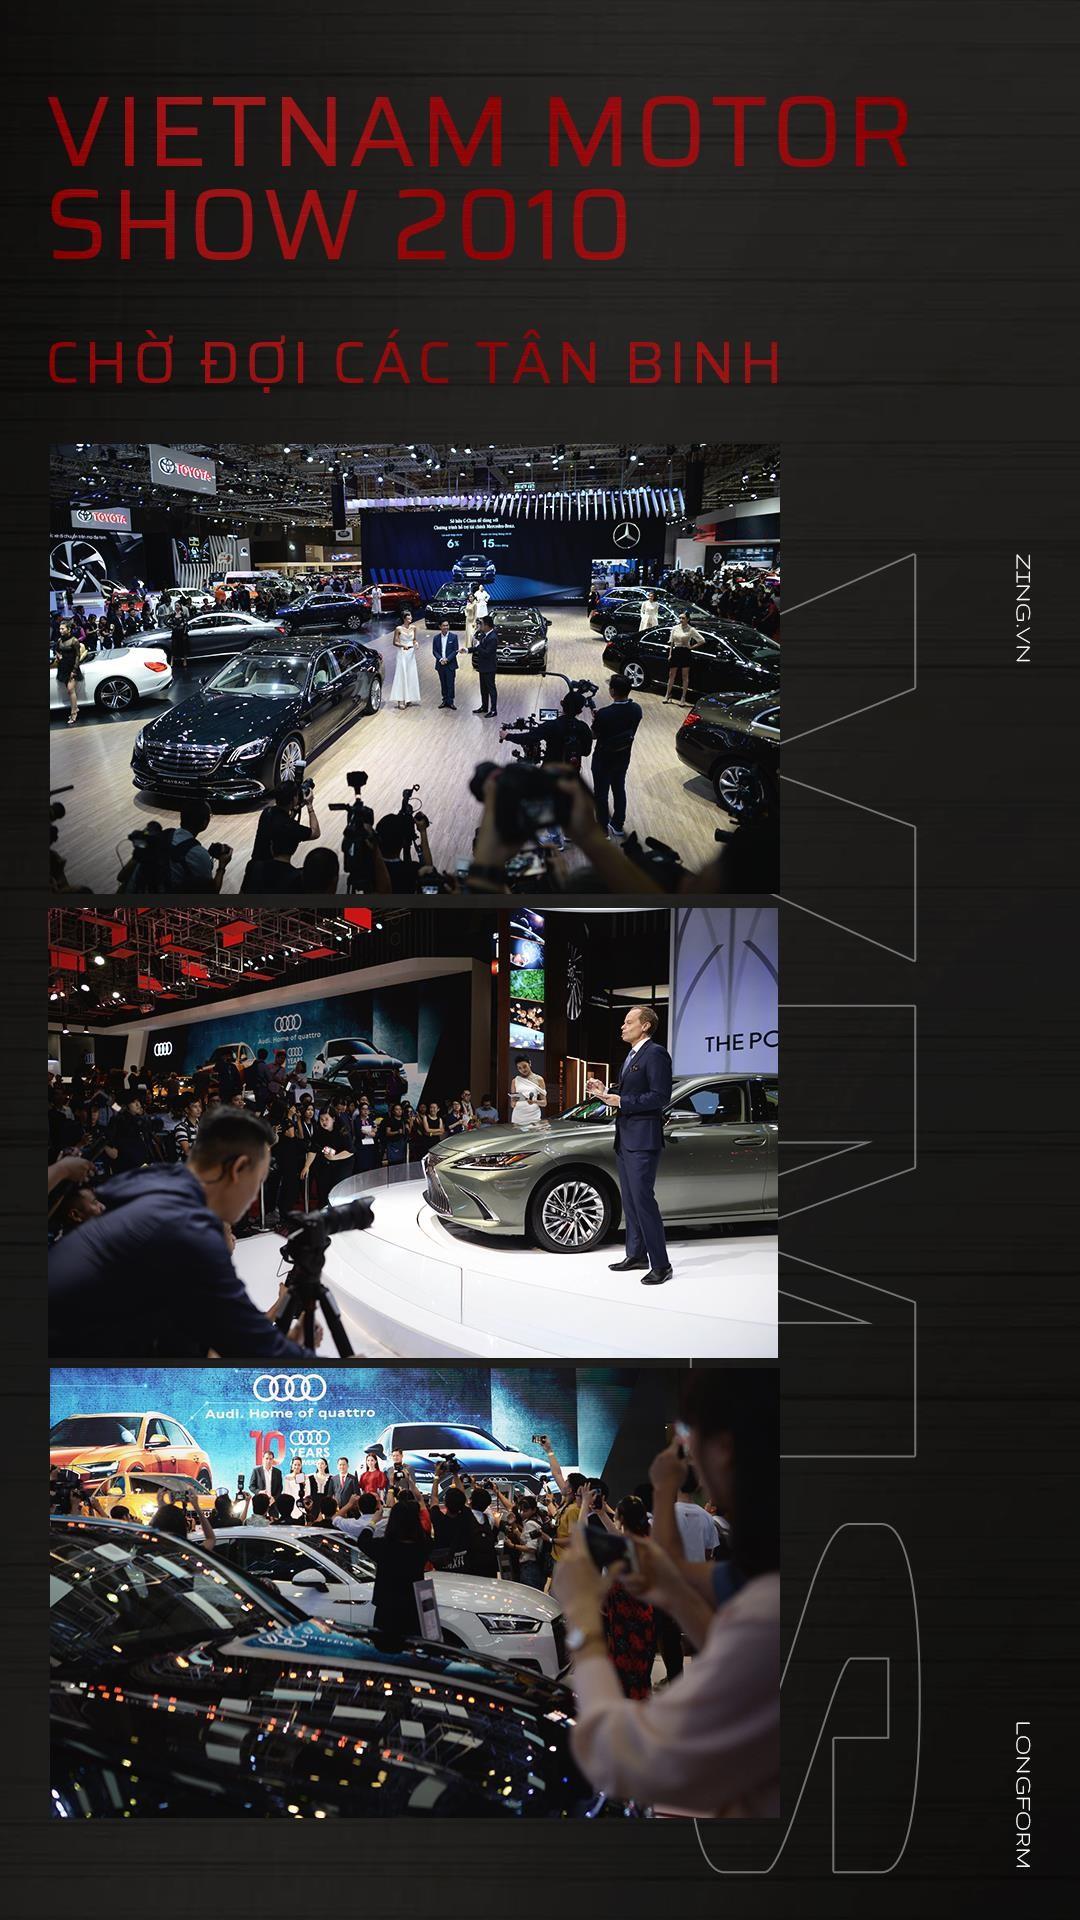 Vietnam Motor Show 2019 - tân binh VinFast đối đầu Ford, Toyota - Ảnh 1.